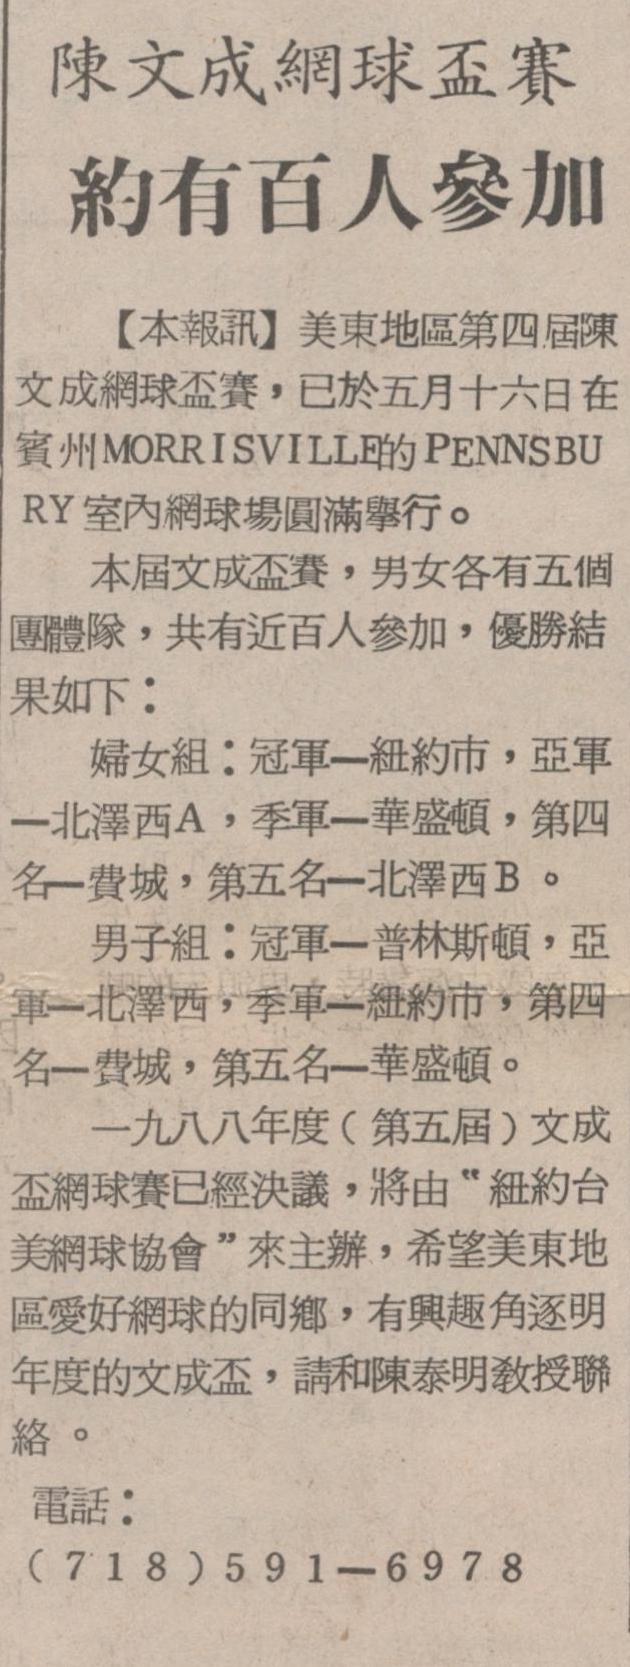 美東地區陳文成網球盃賽 台灣公論報 第五七一期 19870601